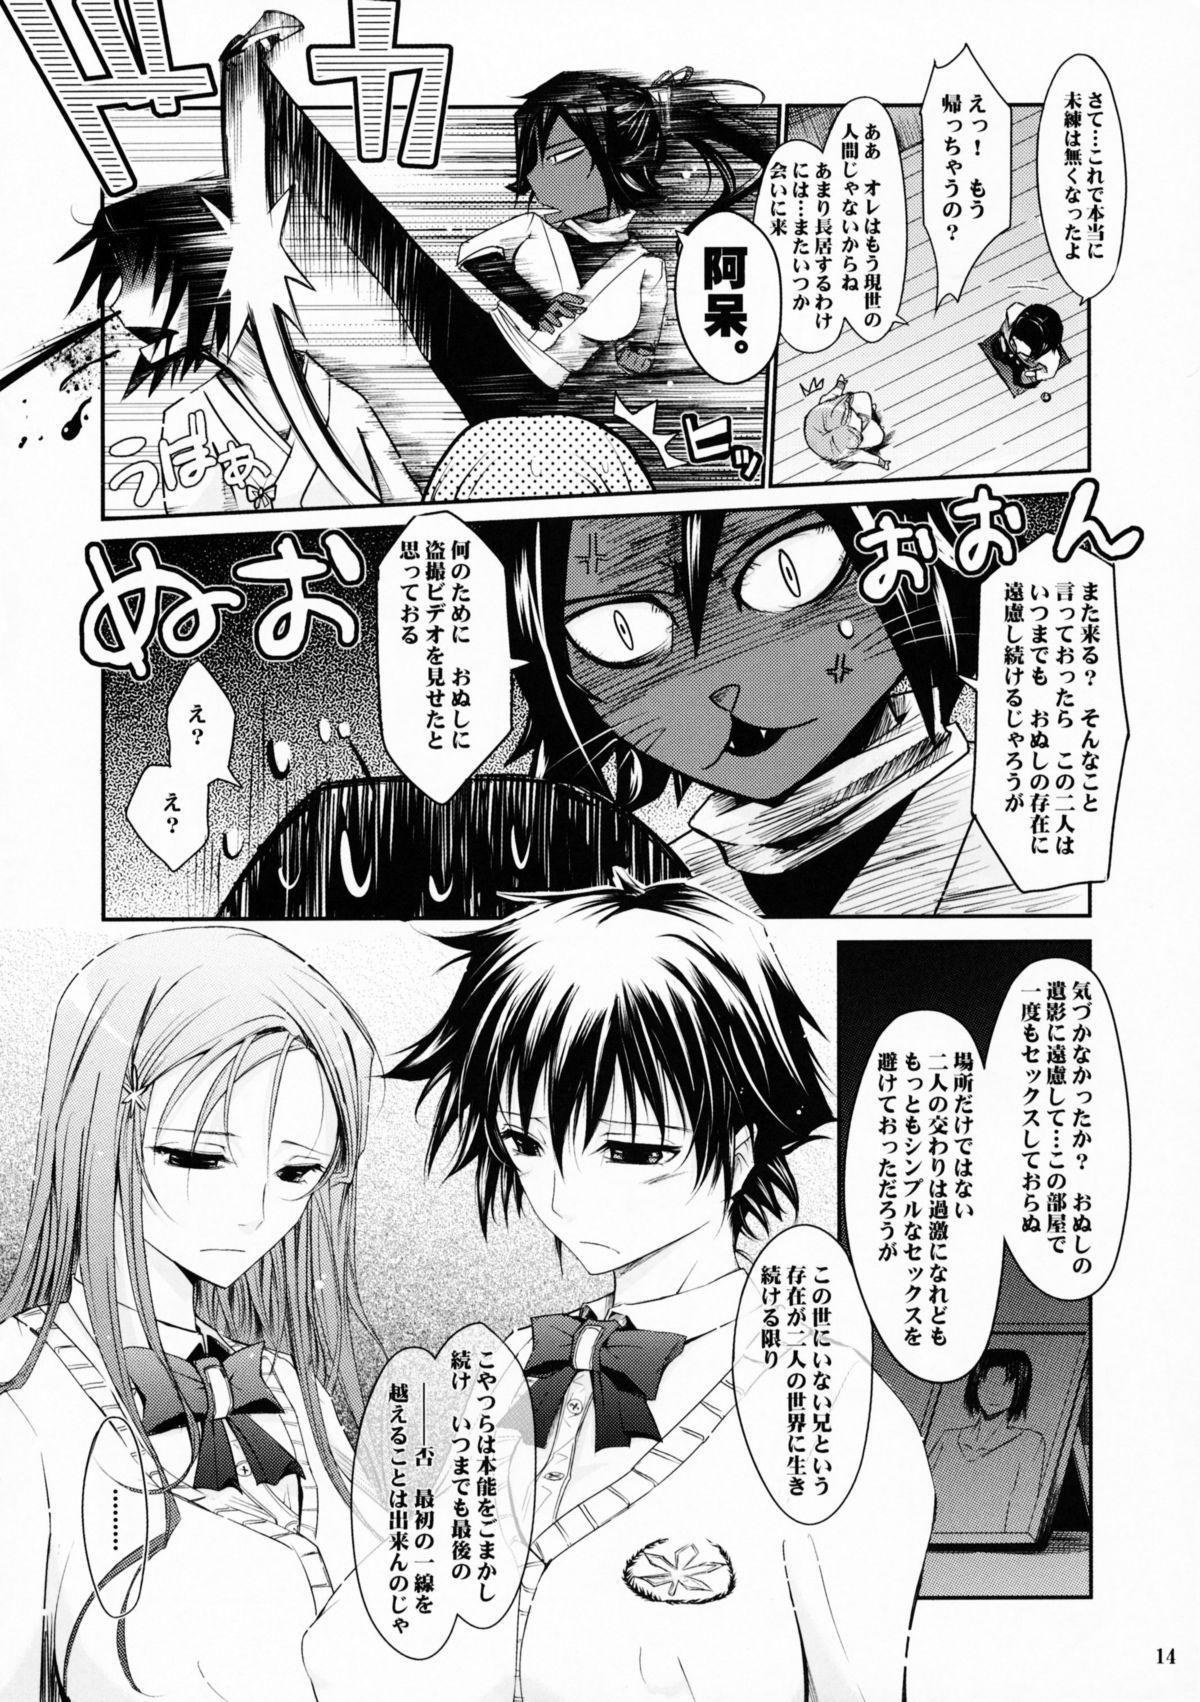 (C75) [Garyuh Chitai (TANA)] Aki-Akane -Kouhen 1- (Bleach) 12